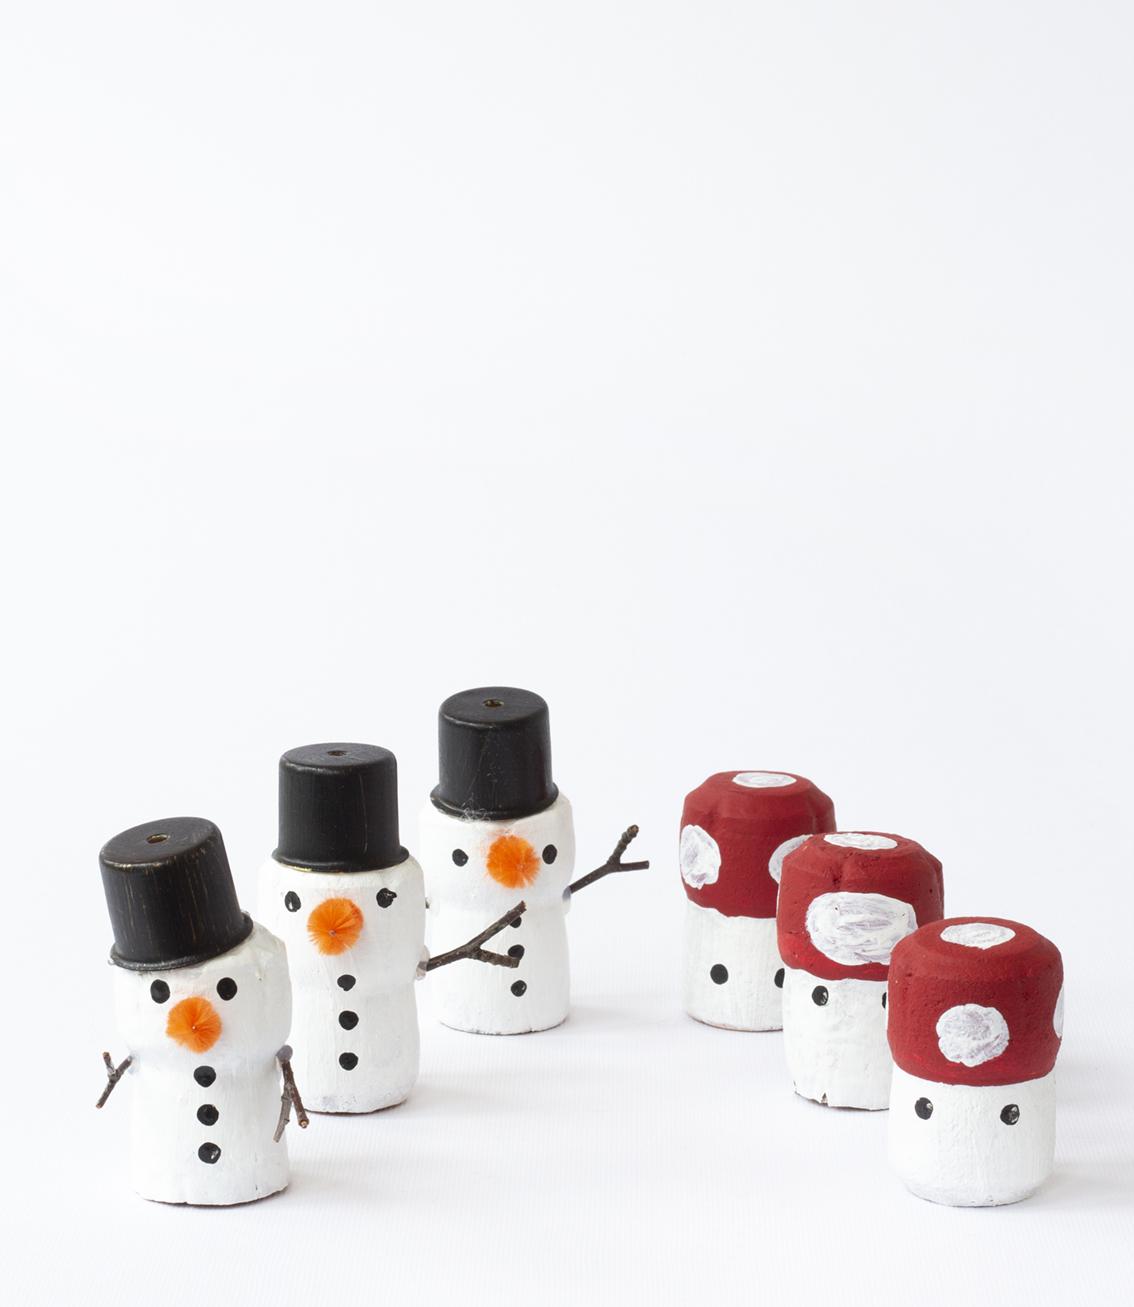 Tre i rad med julfigurer av korkar